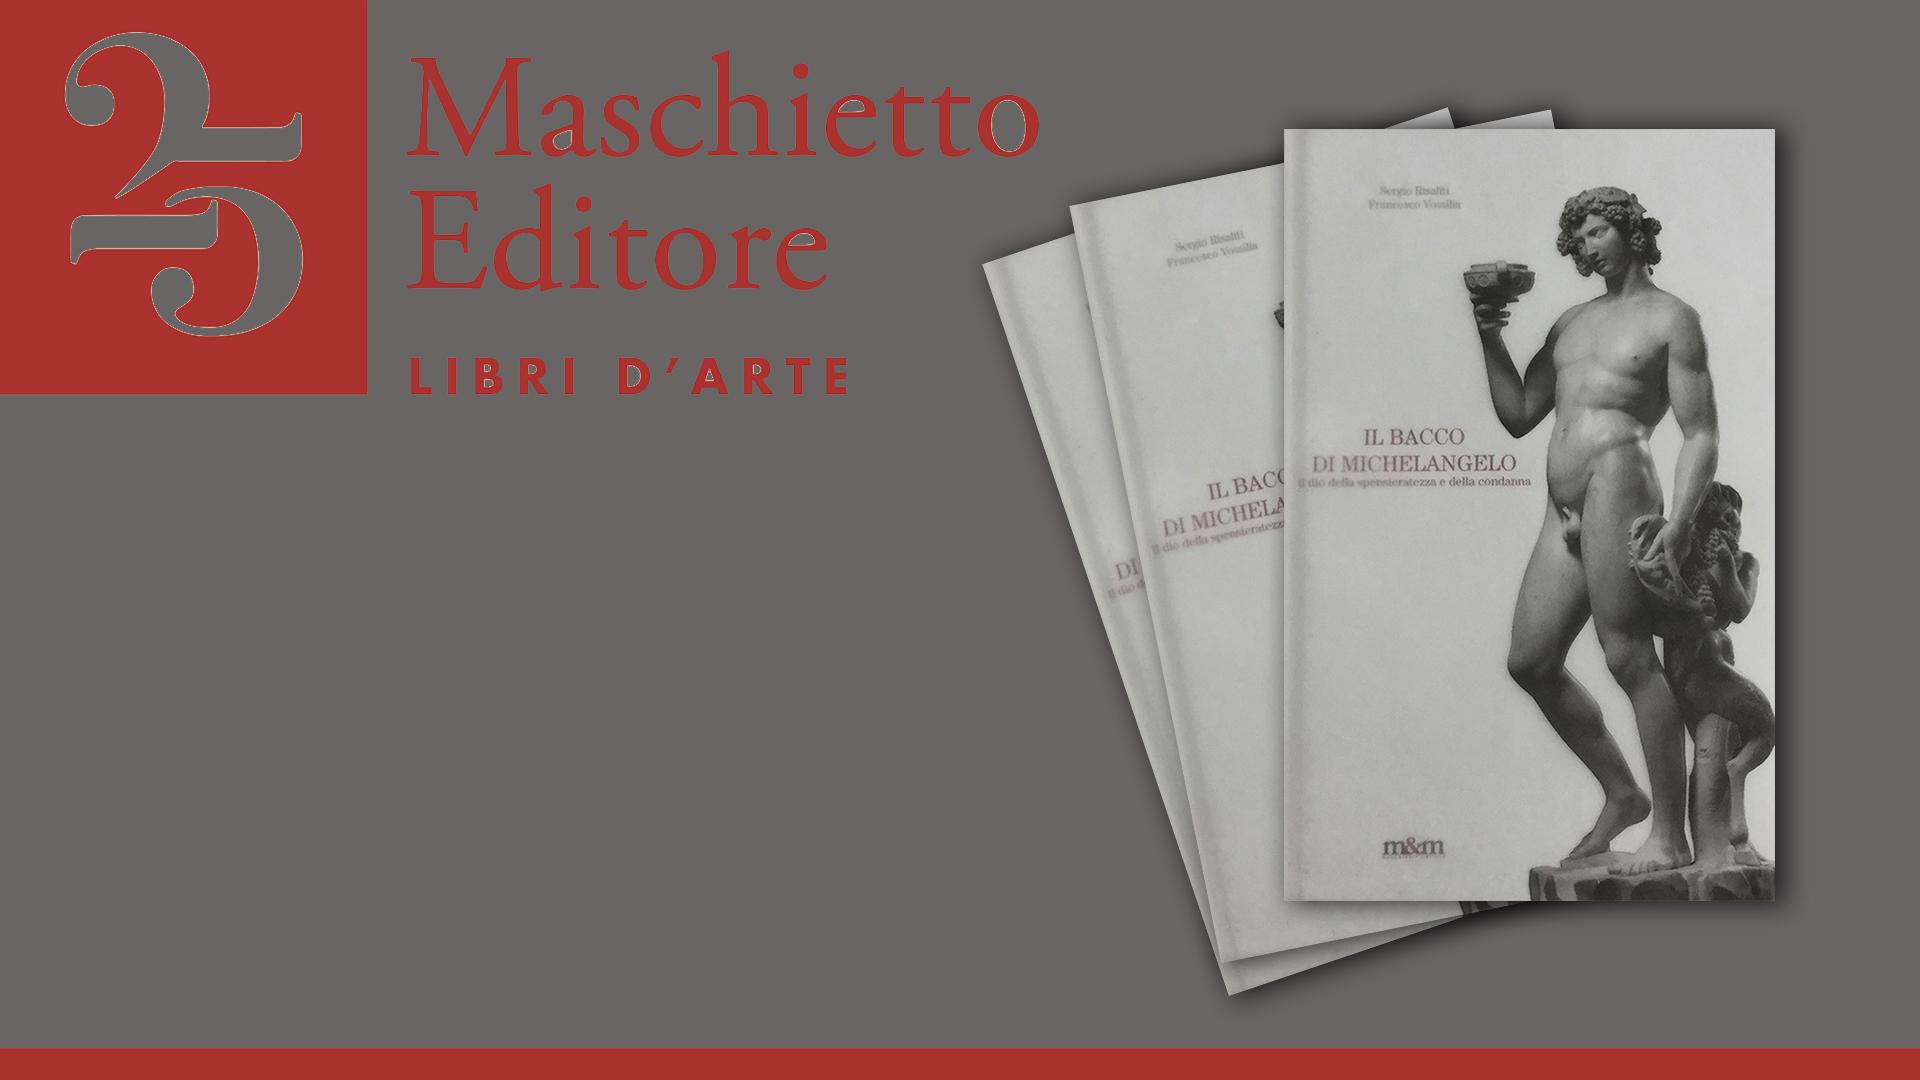 il bacco di Michelangelo_maschiettoeditore